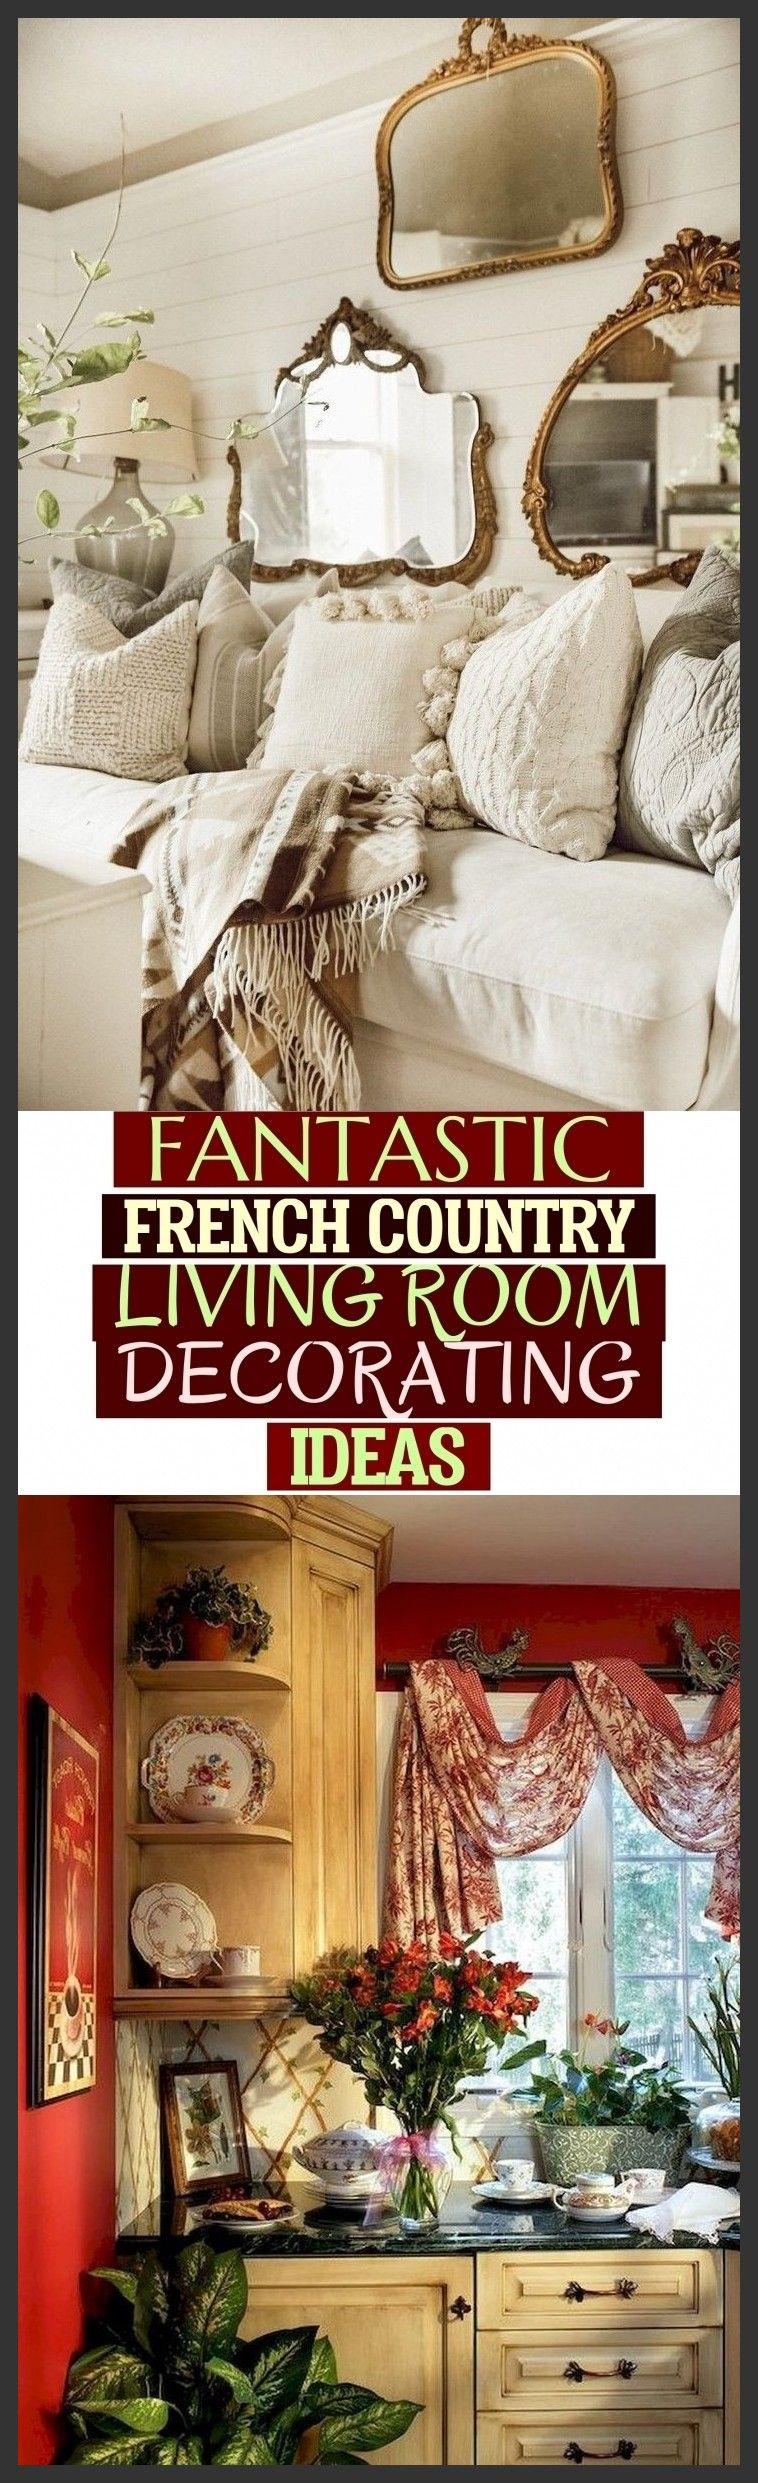 Idee De Verine Idees